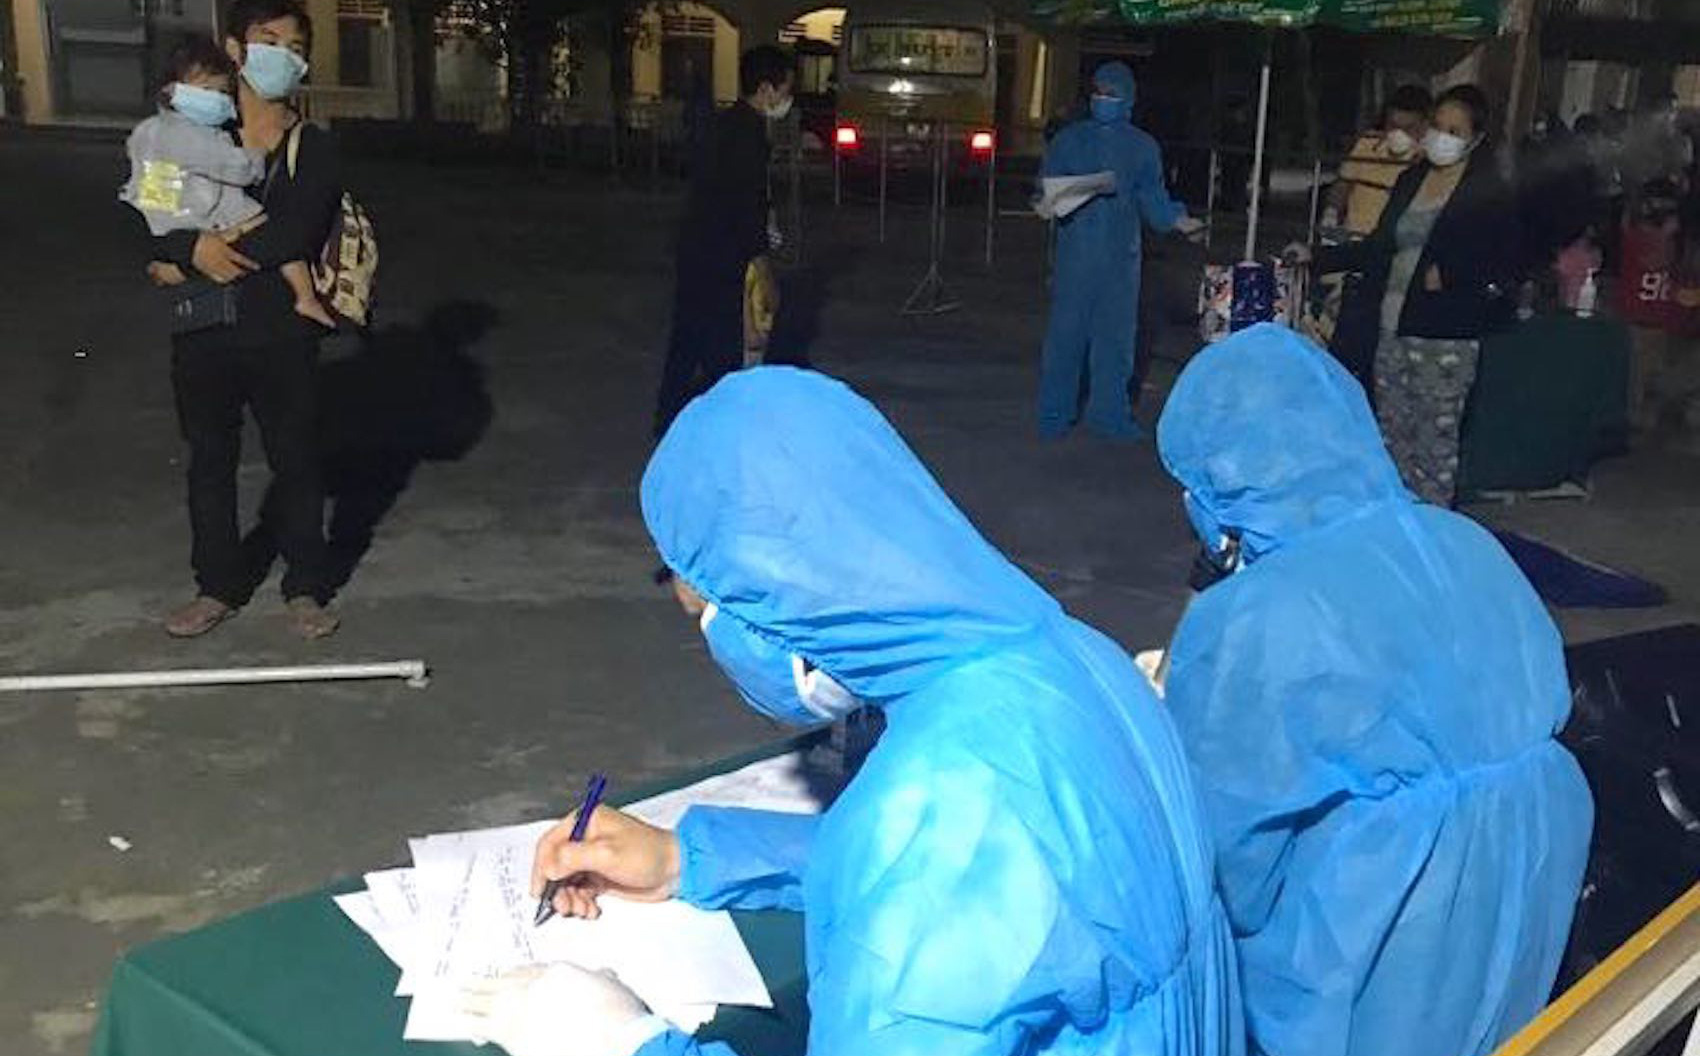 Nghệ An: Nhiều người từ Bệnh viện Bạch Mai về tự liên hệ để được hướng dẫn cách ly